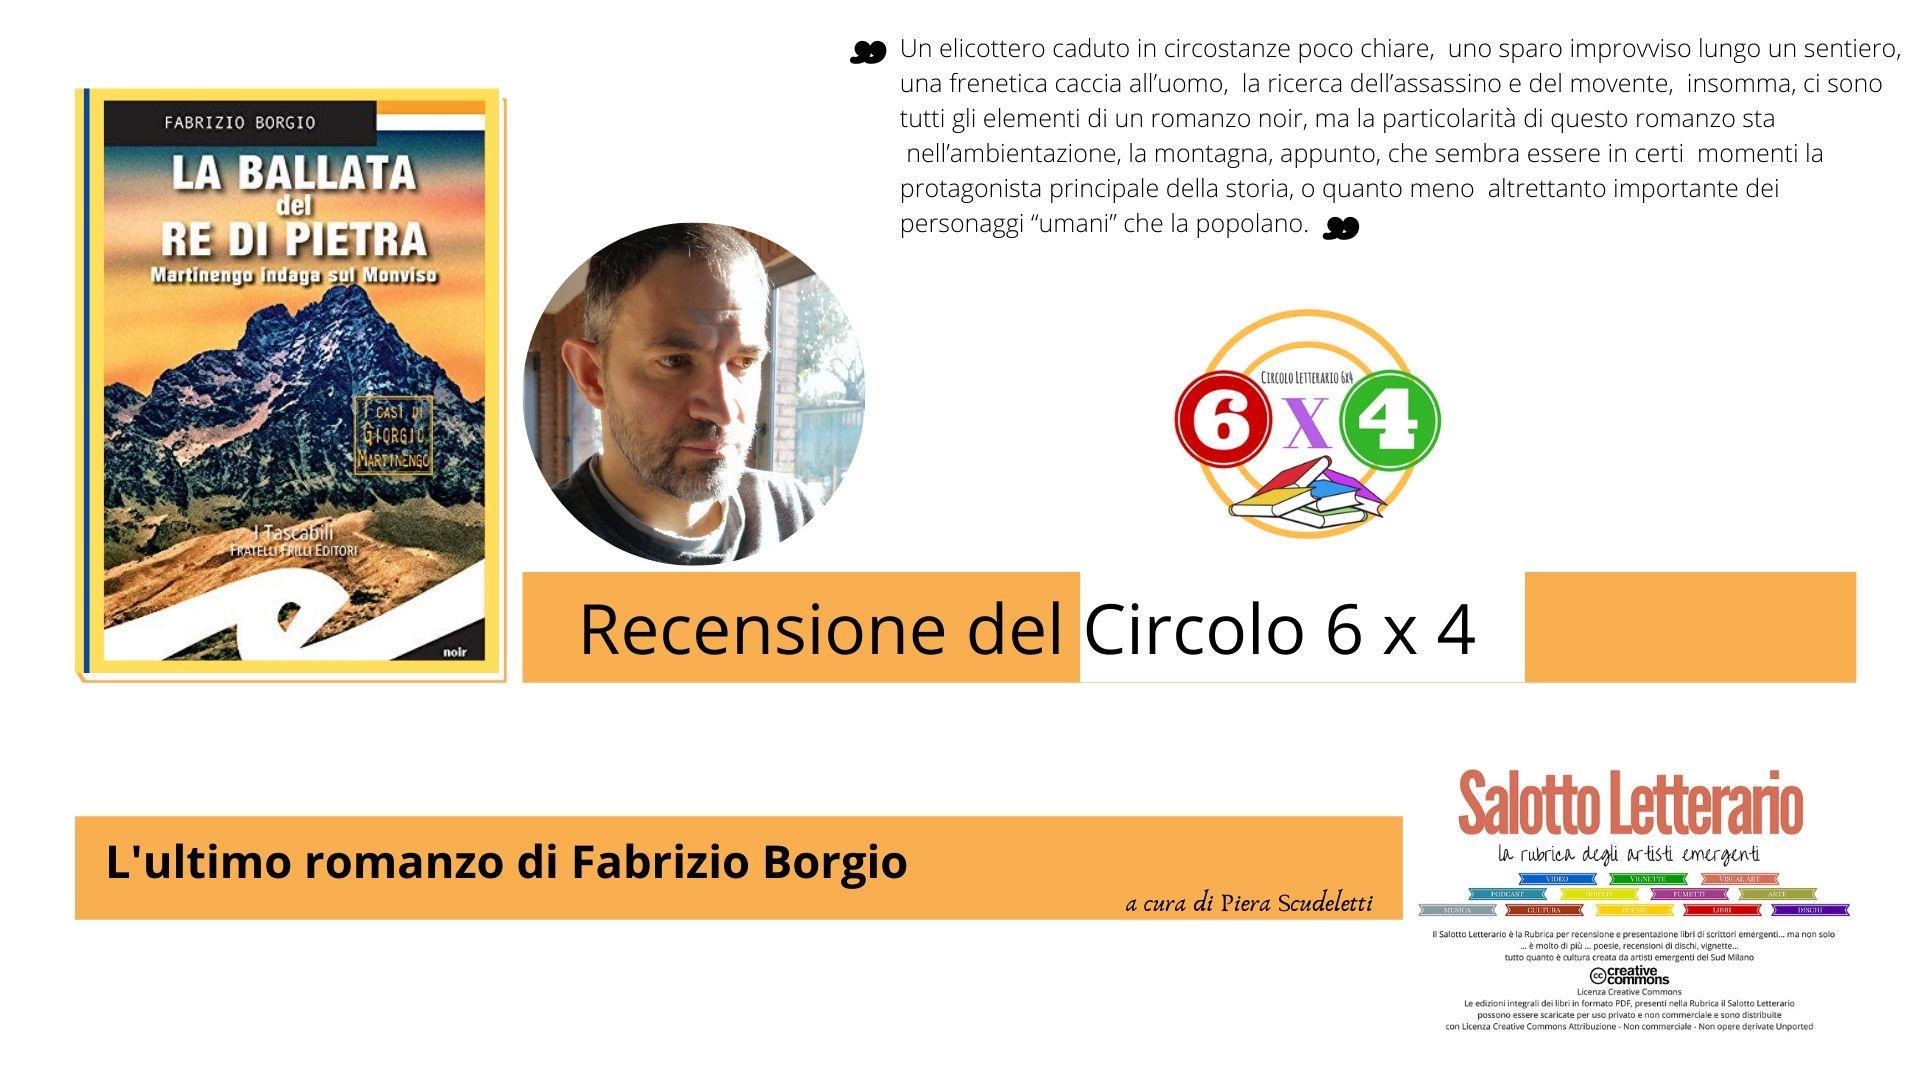 04880_fabrizio-borgio